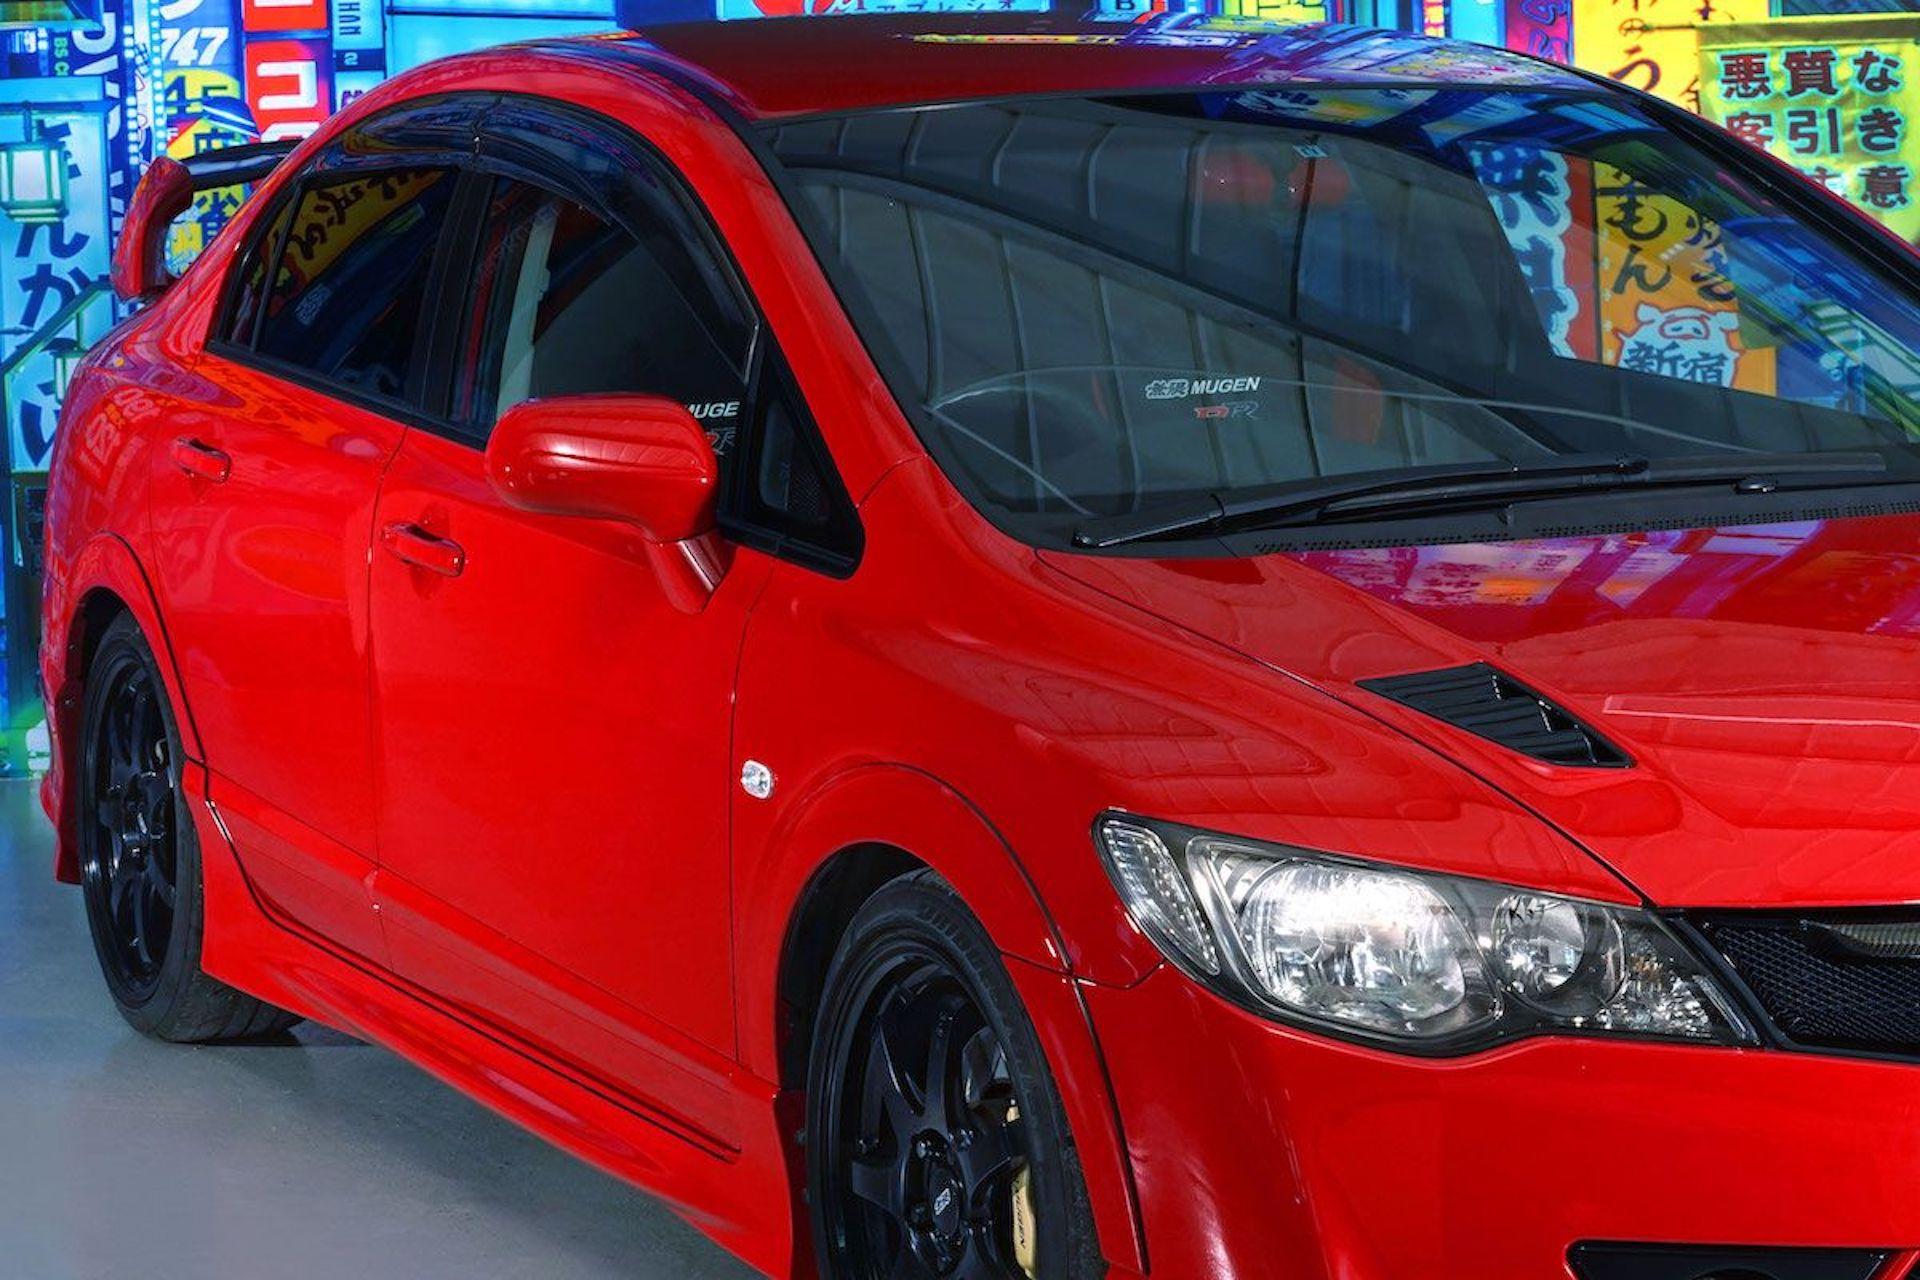 Honda-Civic-Mugen-RR-13